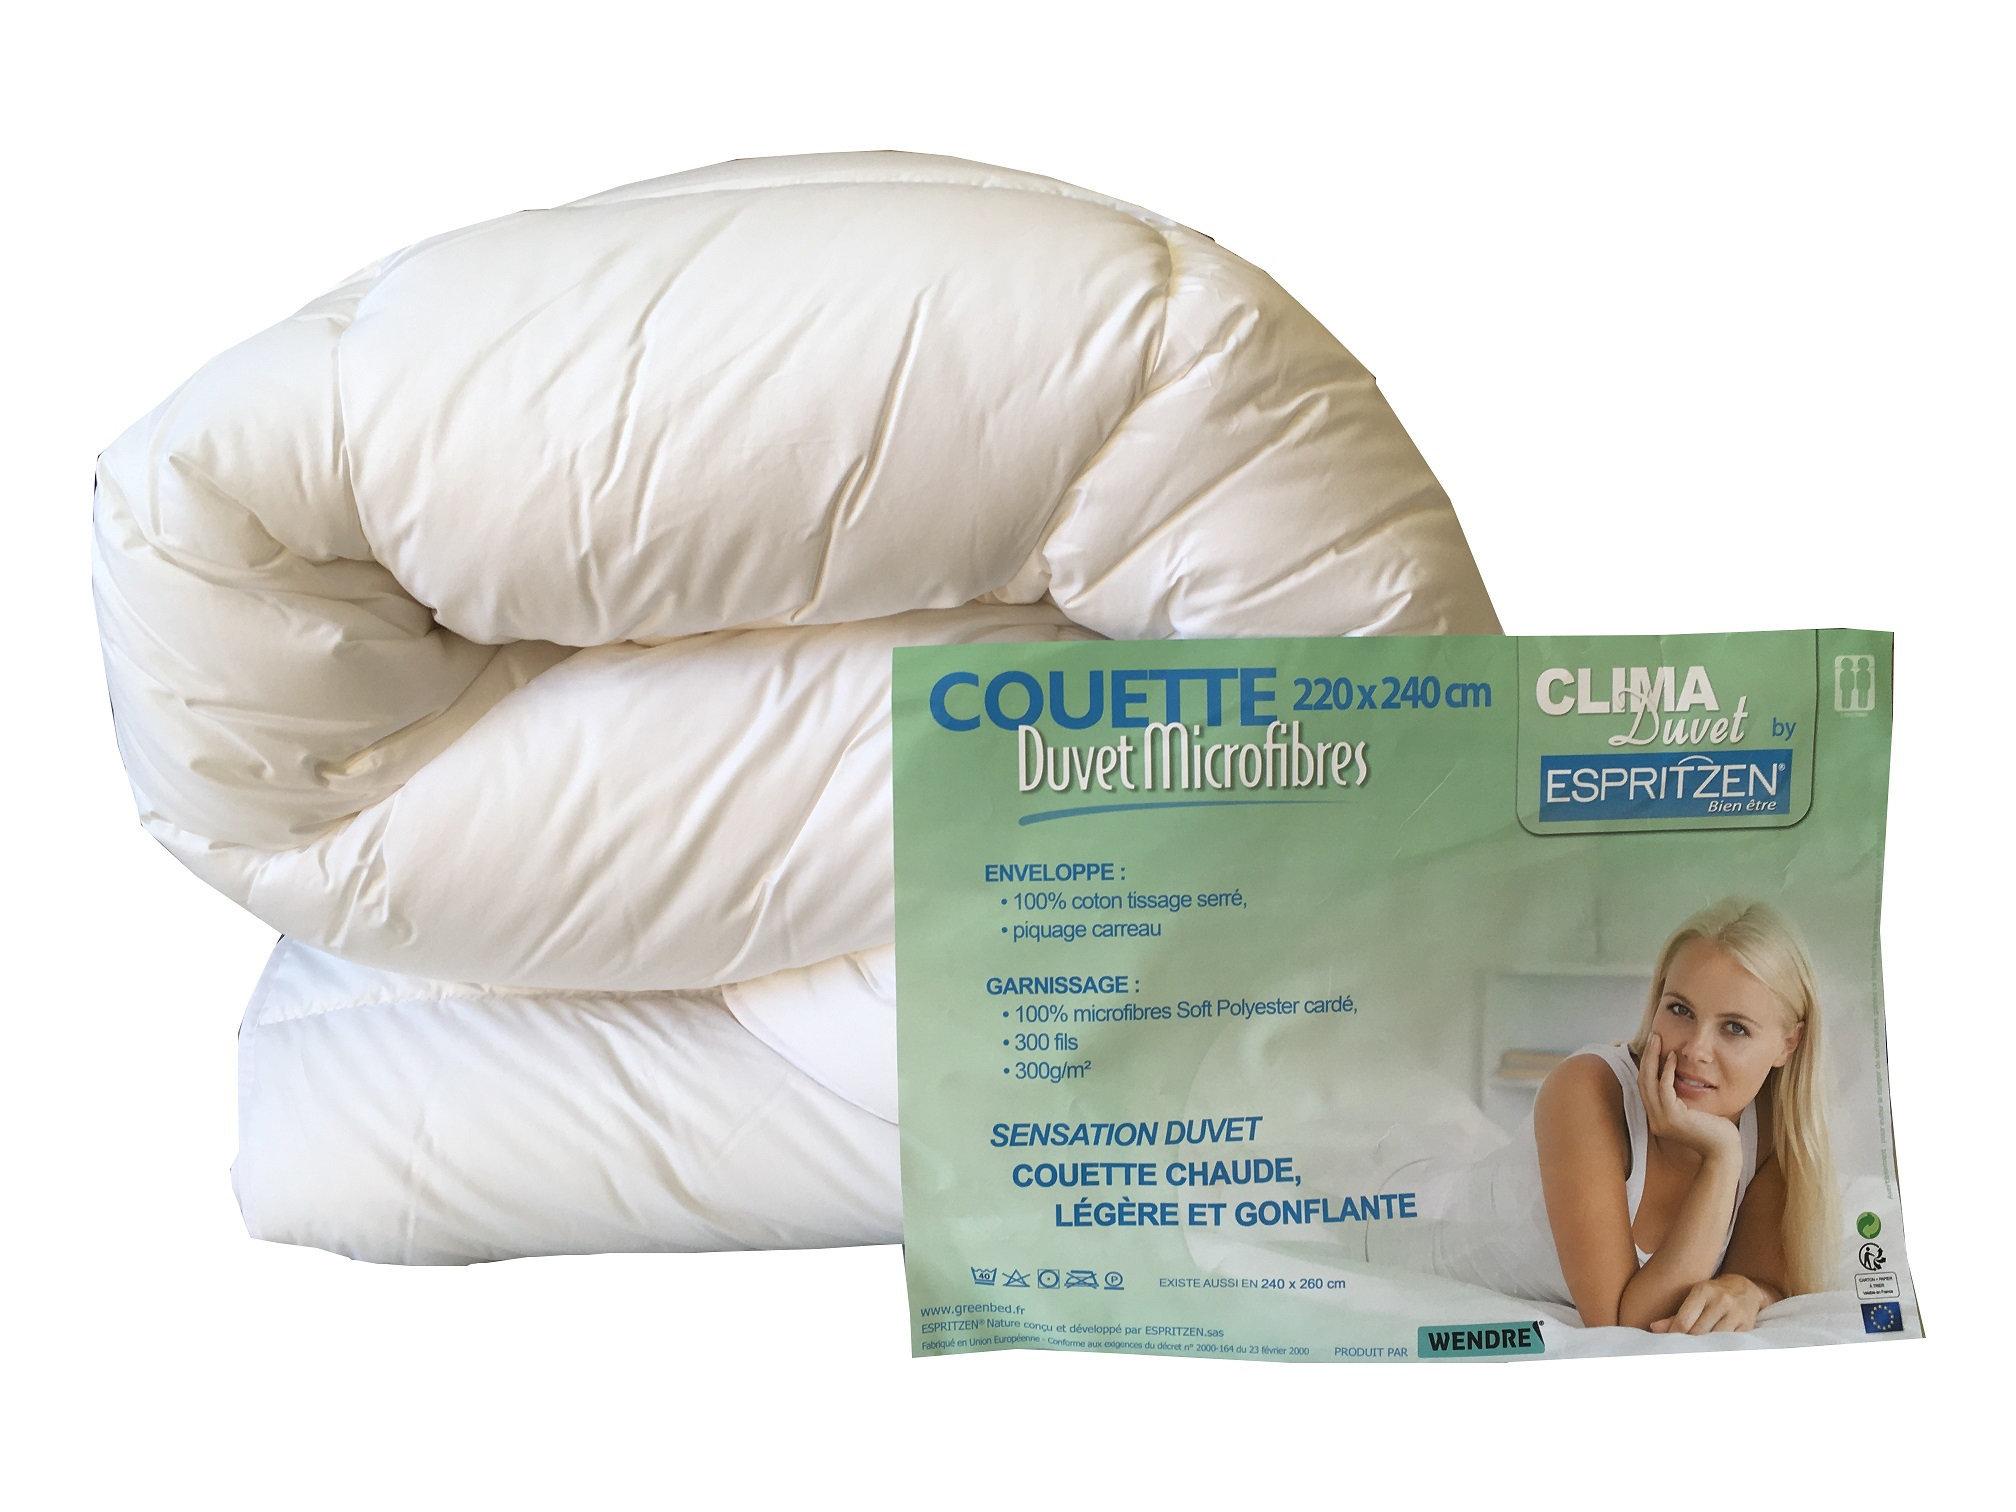 Couette Clima Duvet très confortable très légère 260x240cm de 300g/m²